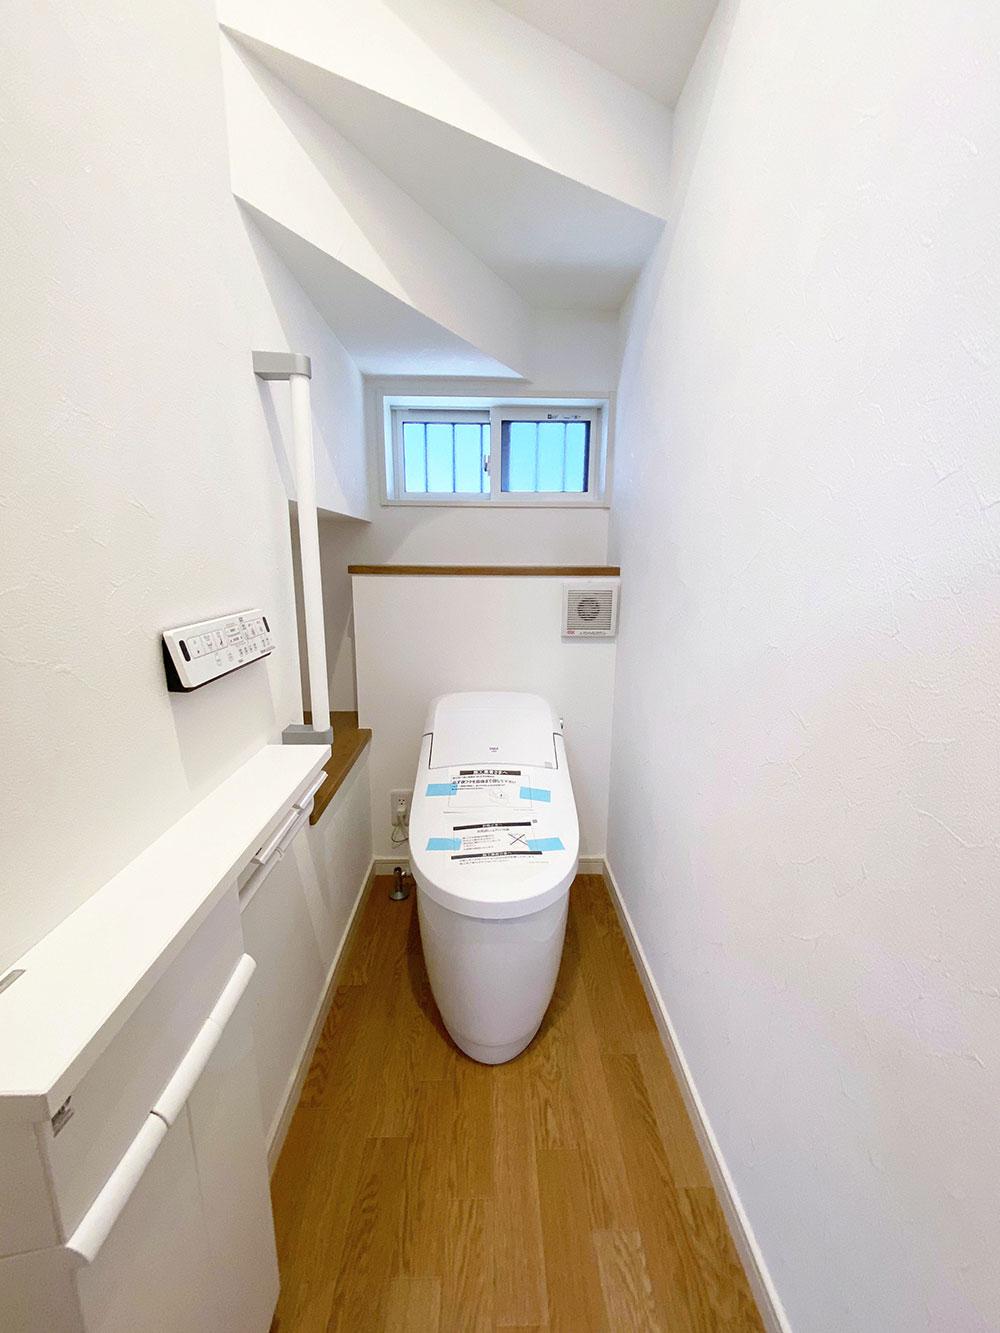 トイレ<br> コンパクト&ローシルエットデザインがゆとりの空間を演出。